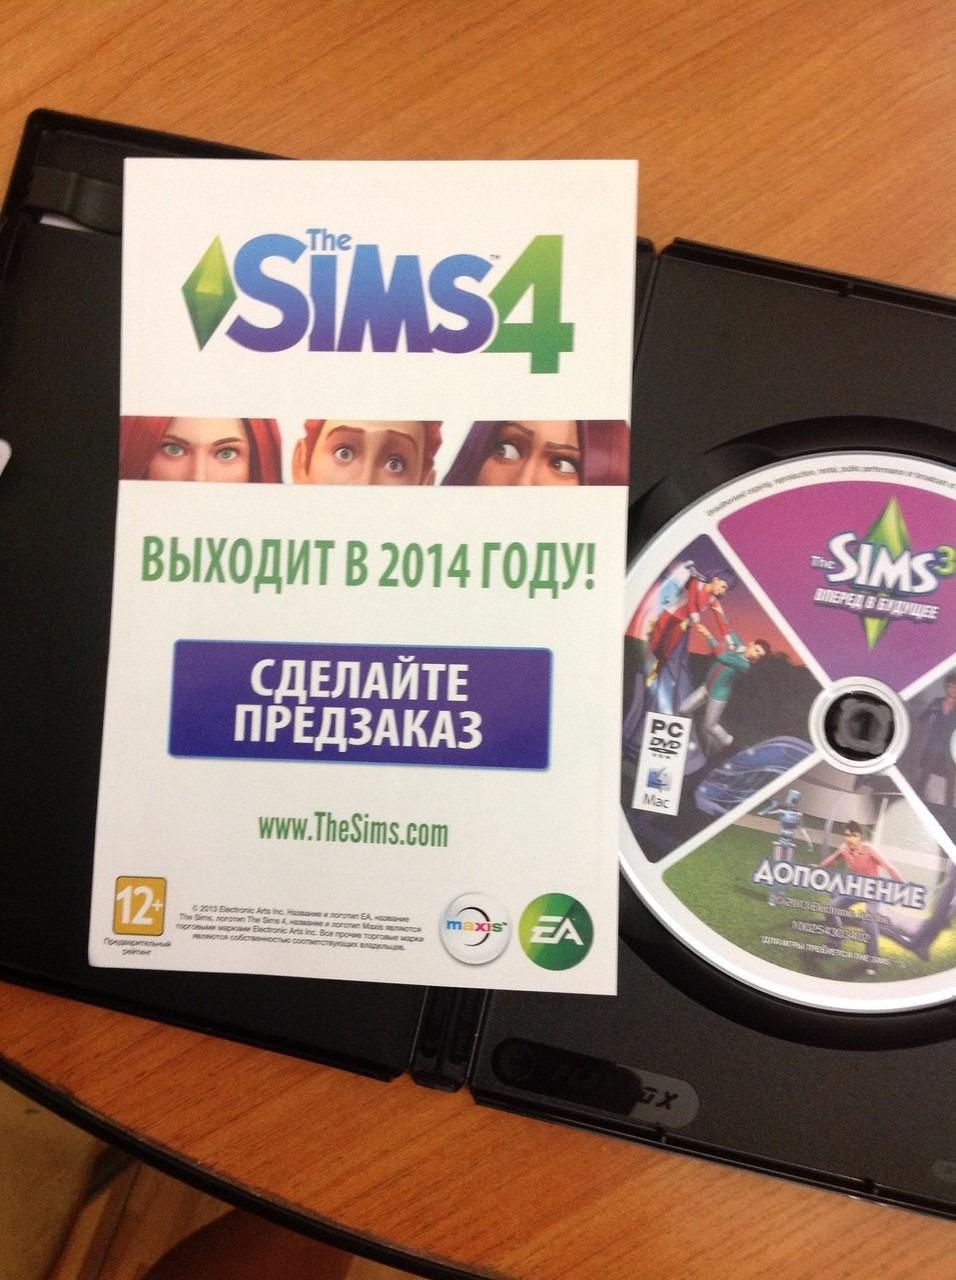 не найден диск с игрой симс 3: